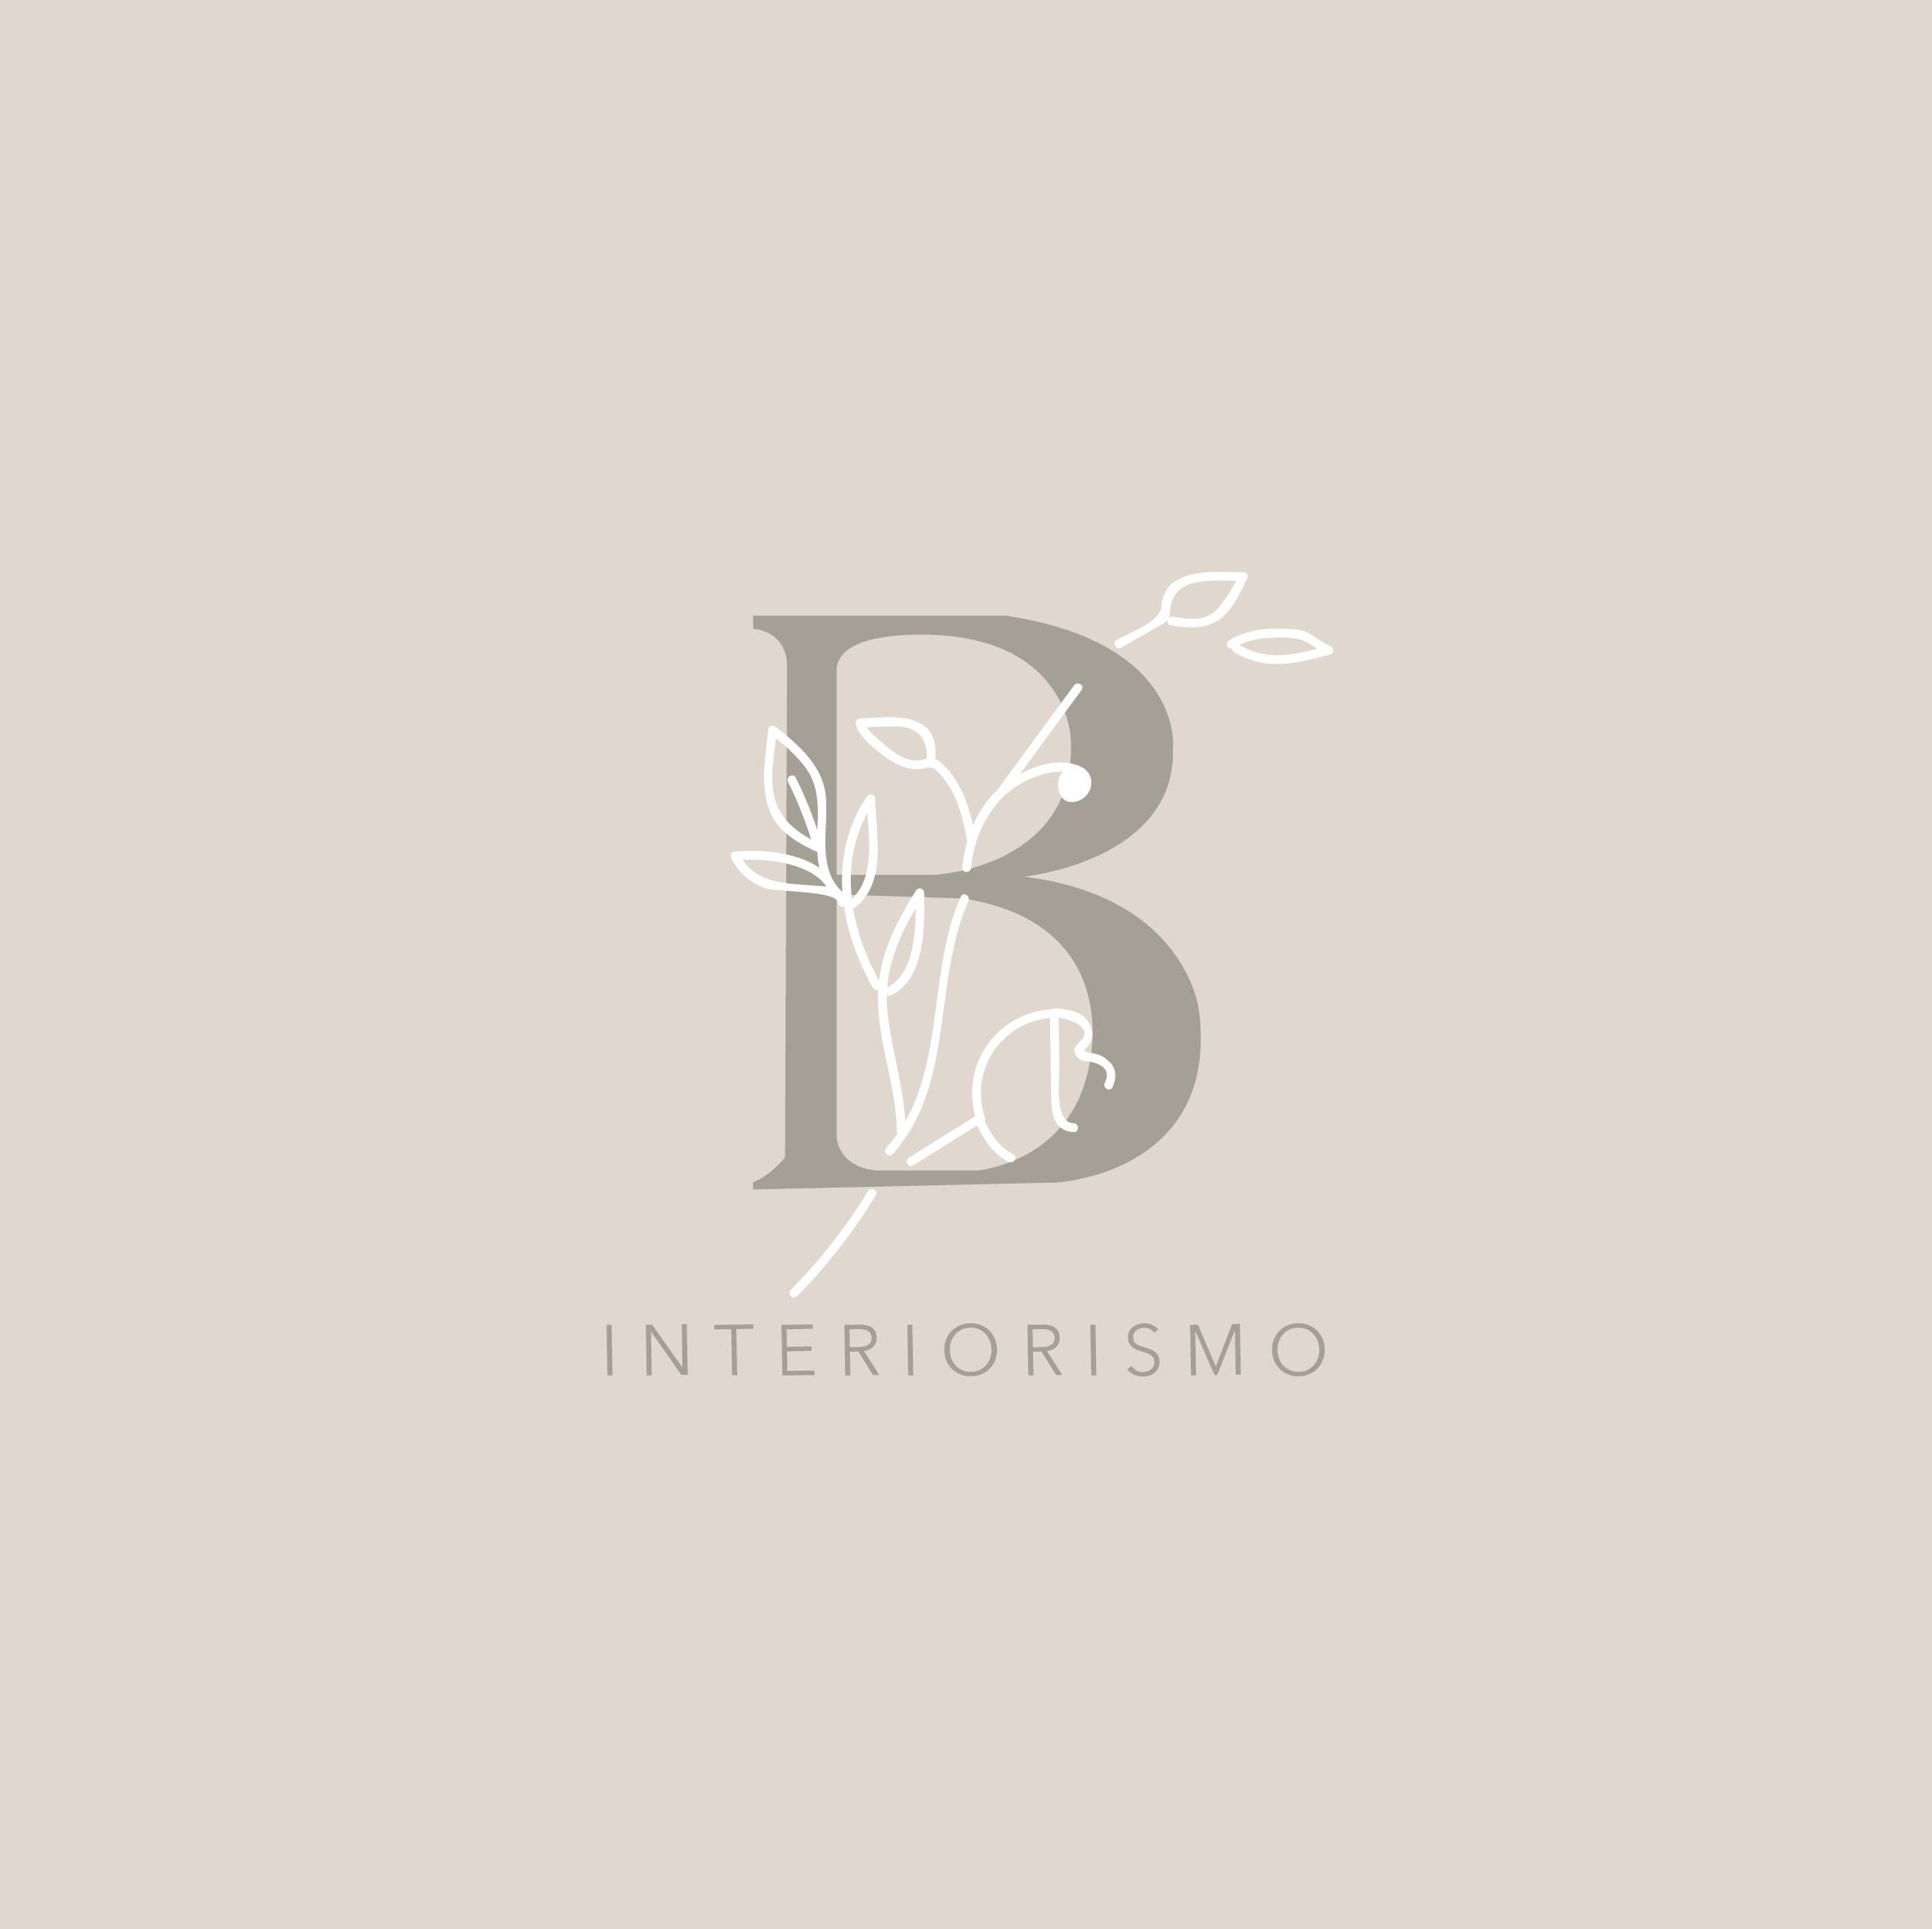 BH Design